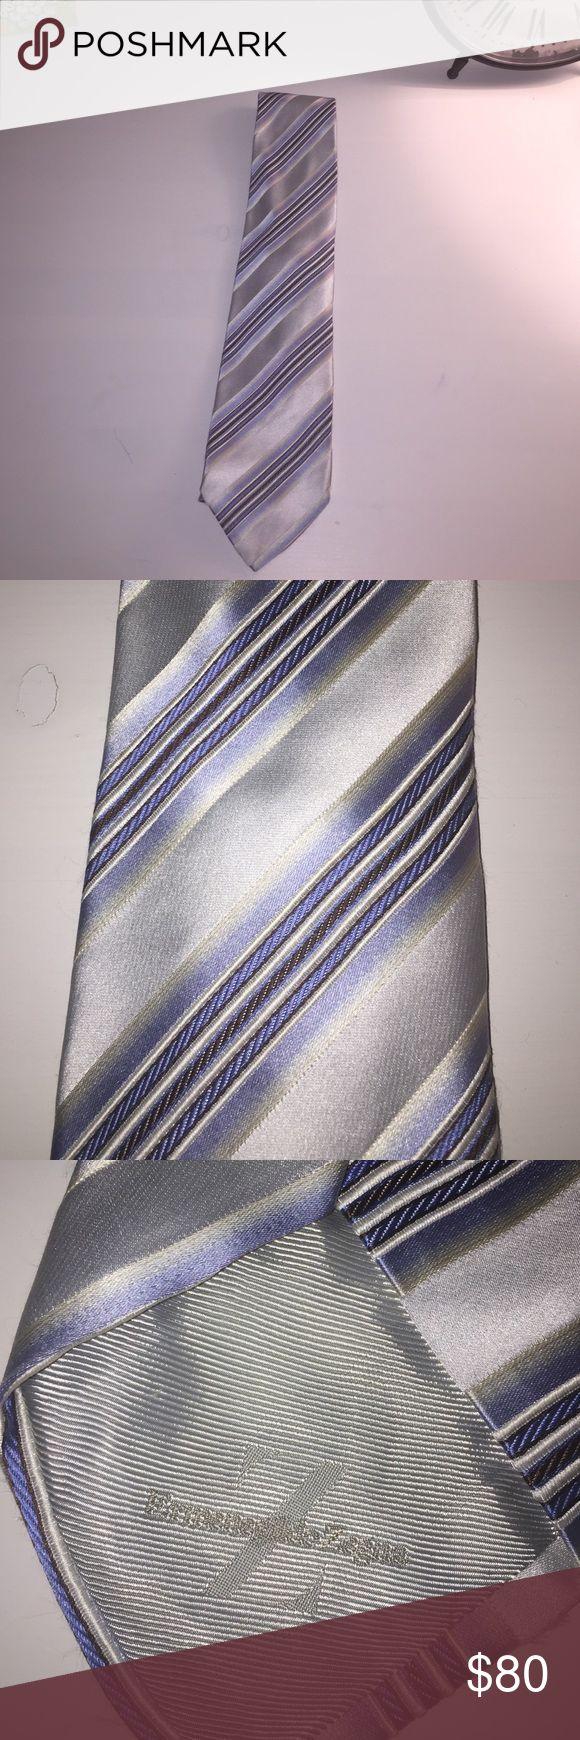 Ermenegildo Zegna Beautiful striped tie! Ermenegildo Zegna Accessories Ties